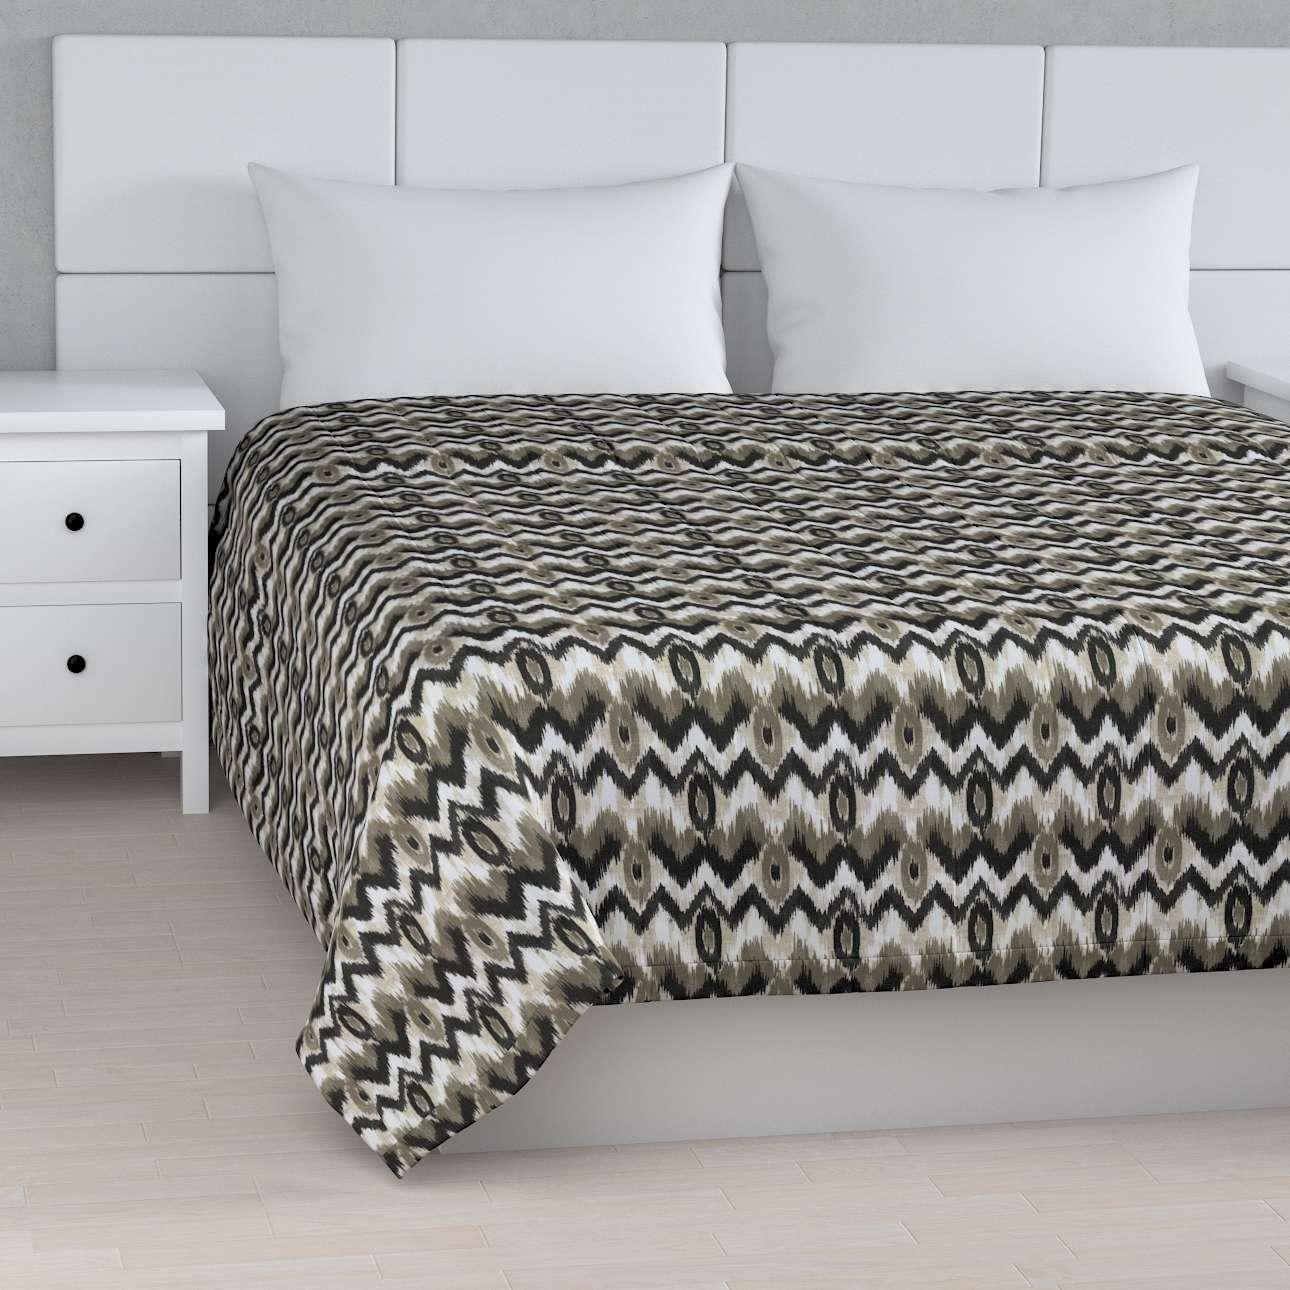 Tagesdecke mit Streifen-Steppung von der Kollektion Modern, Stoff: 141-88